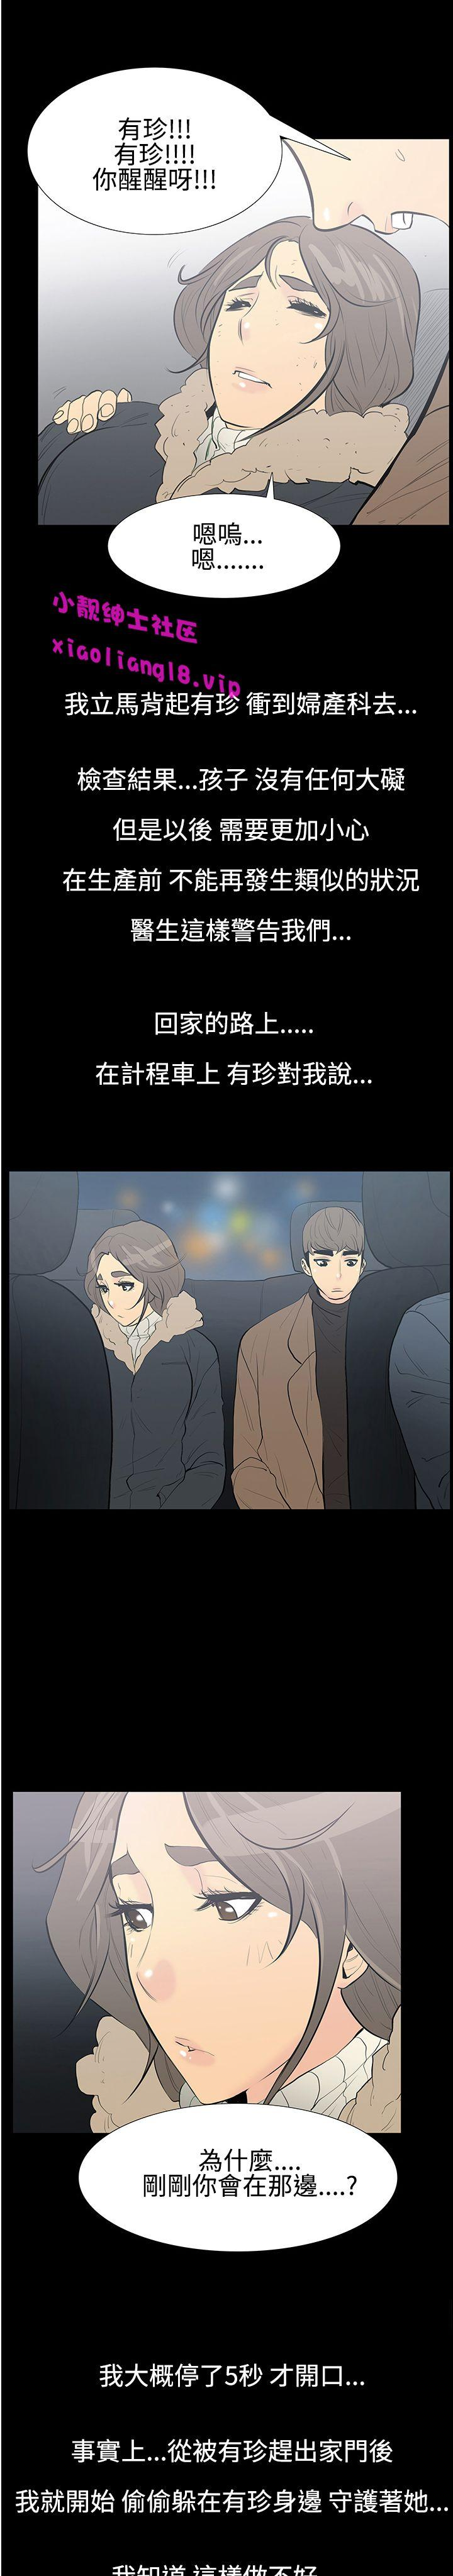 中文韩漫 無法停止的甜蜜關係 Ch.0-12 82